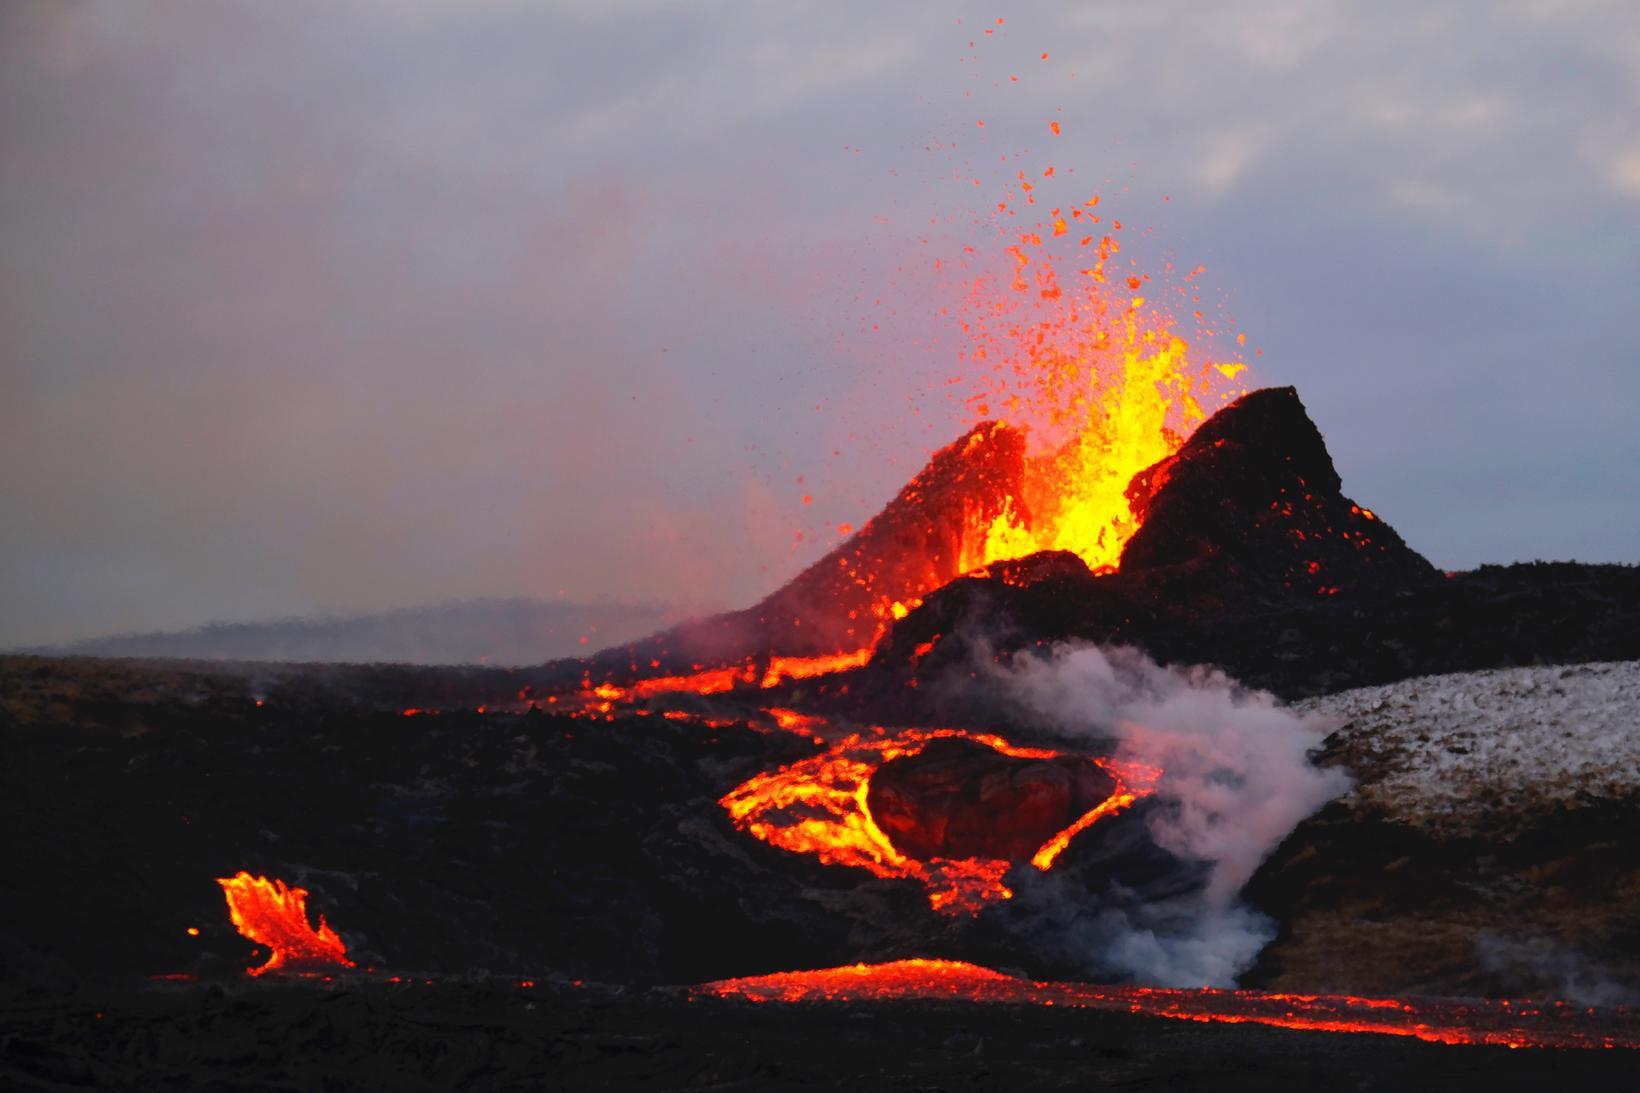 Líklegt er að gosið marki upphaf nýrra Reykjaneselda.